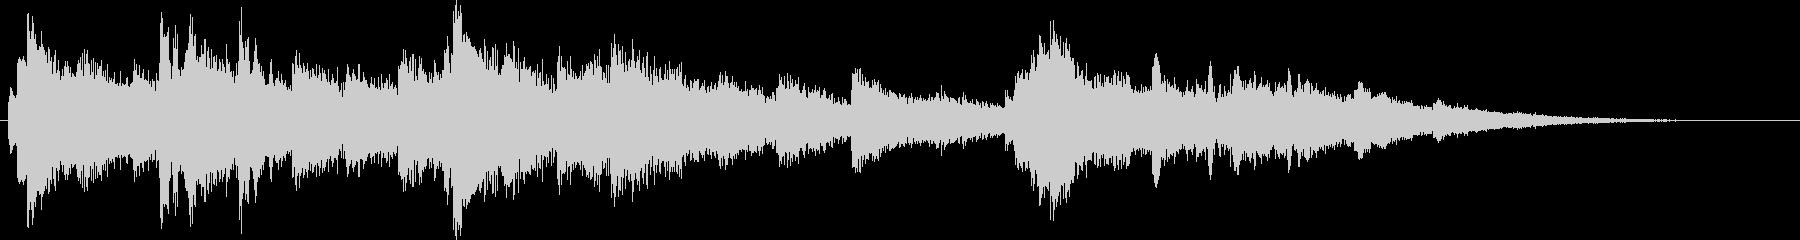 悲しいピアノ15秒CM楽曲。の未再生の波形